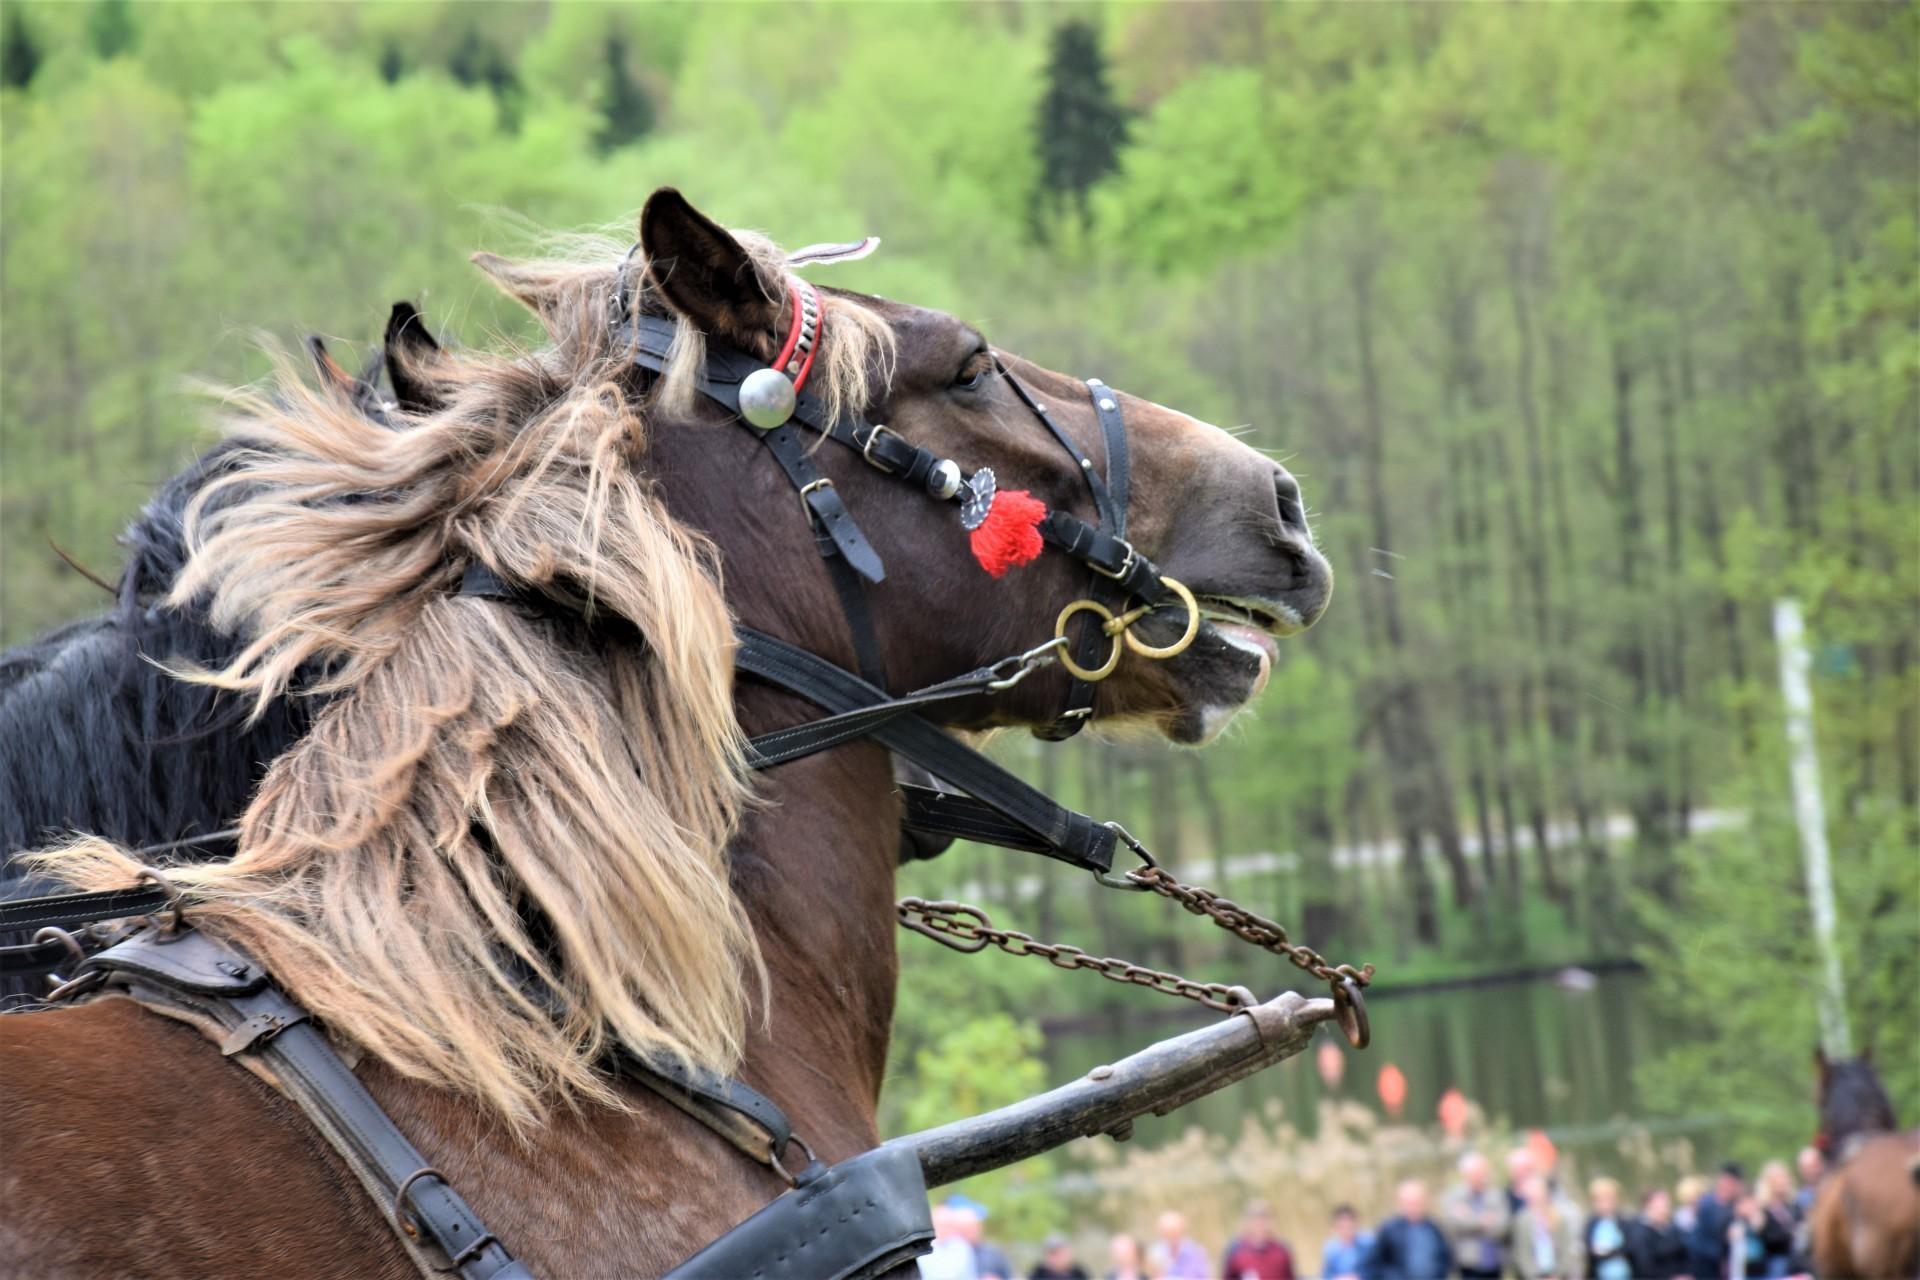 Konie, Kaszuby, Wiśta wio! Zawody w Ostrzycach [FOTOREPORTAŻ]